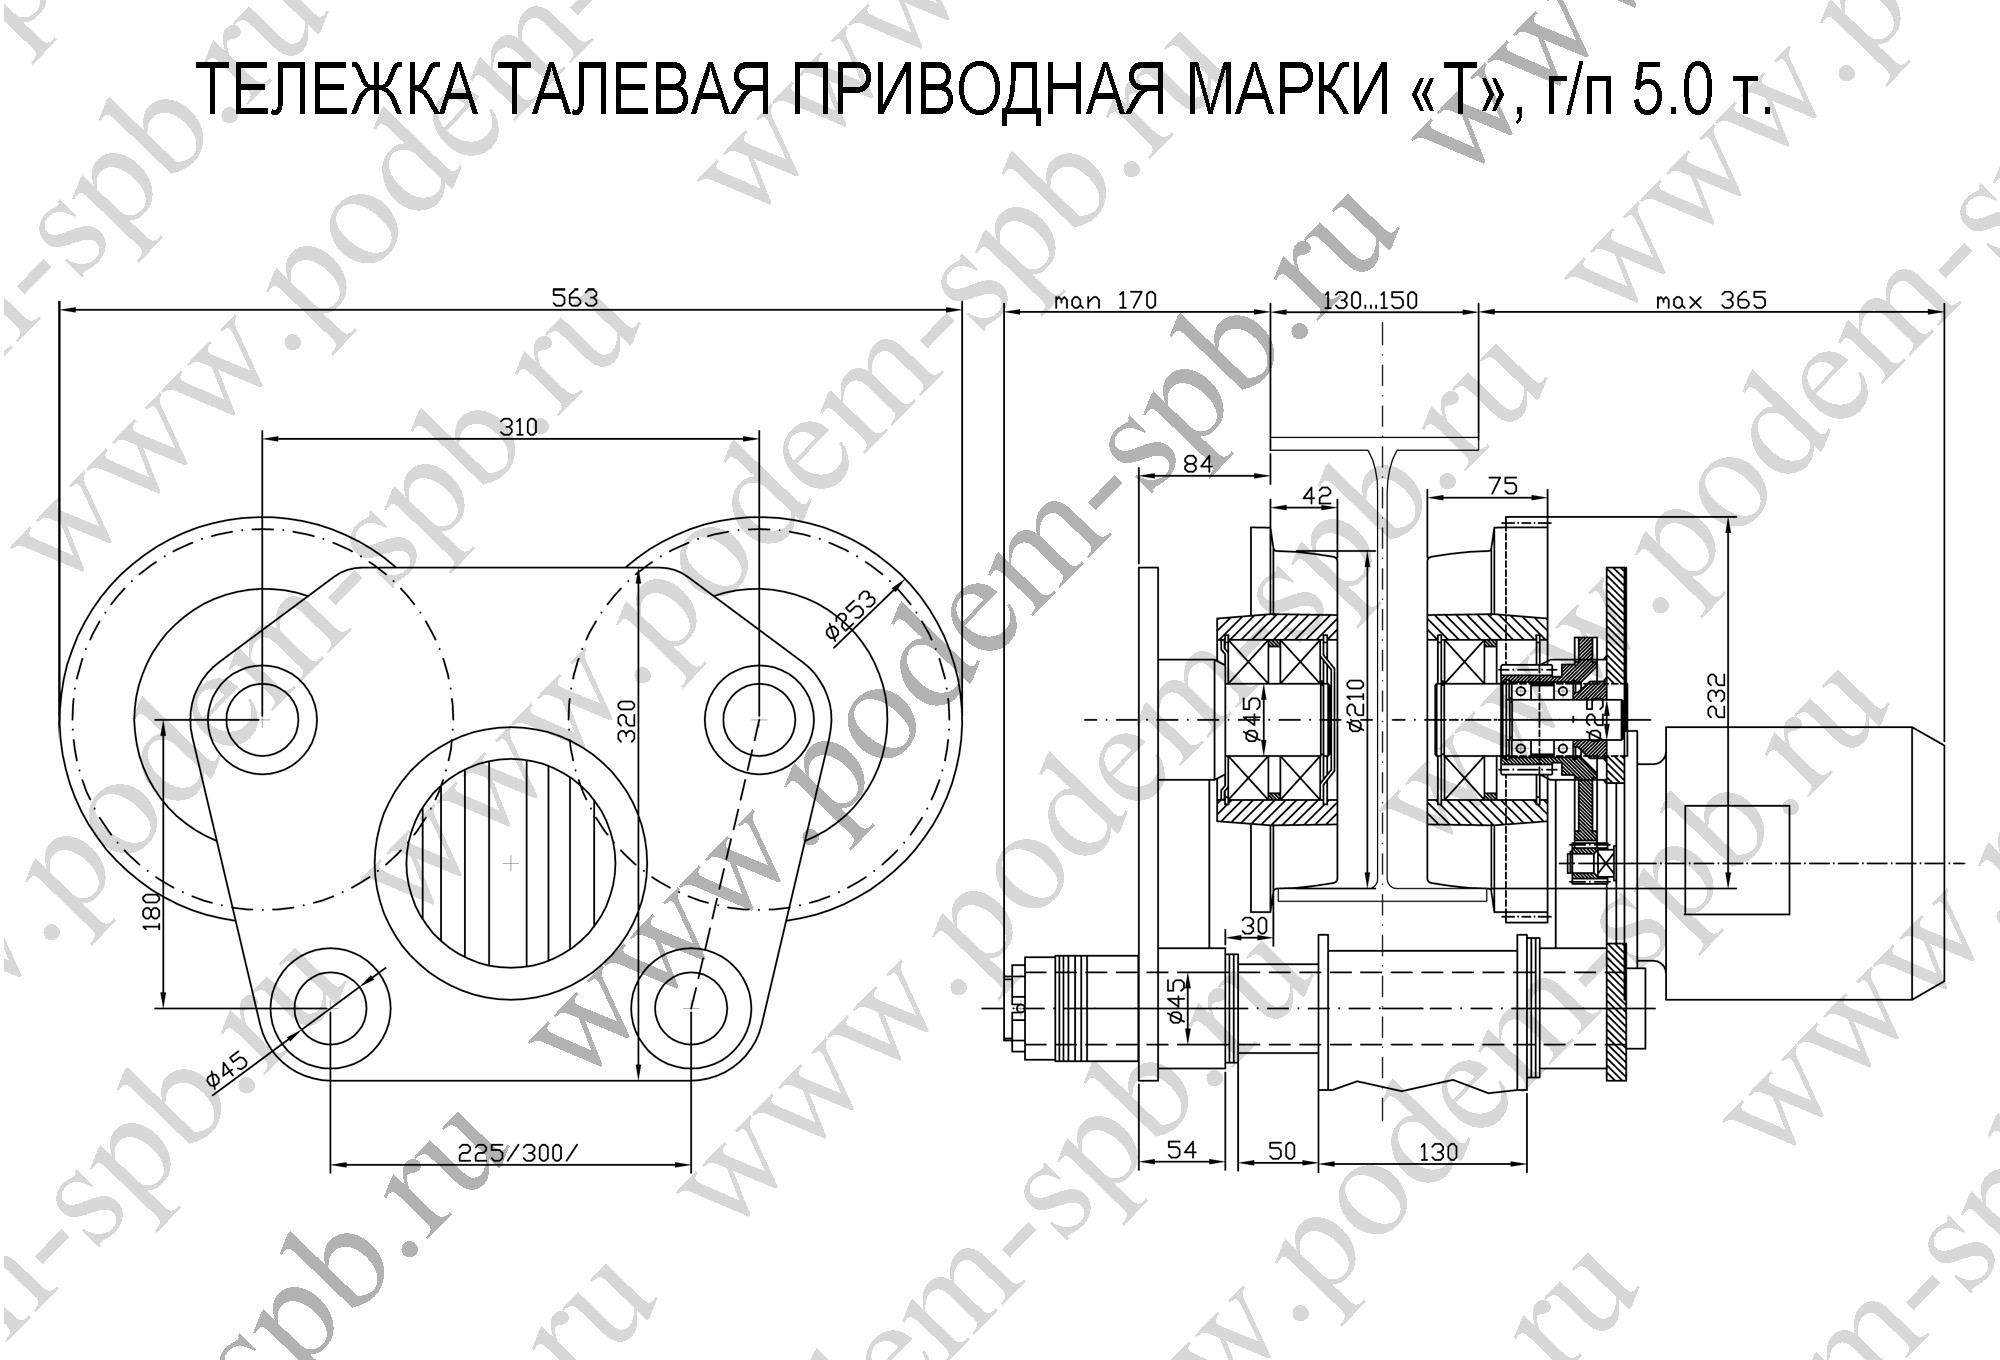 Тележка талевая приводная жесткая г/п 5.0 т.